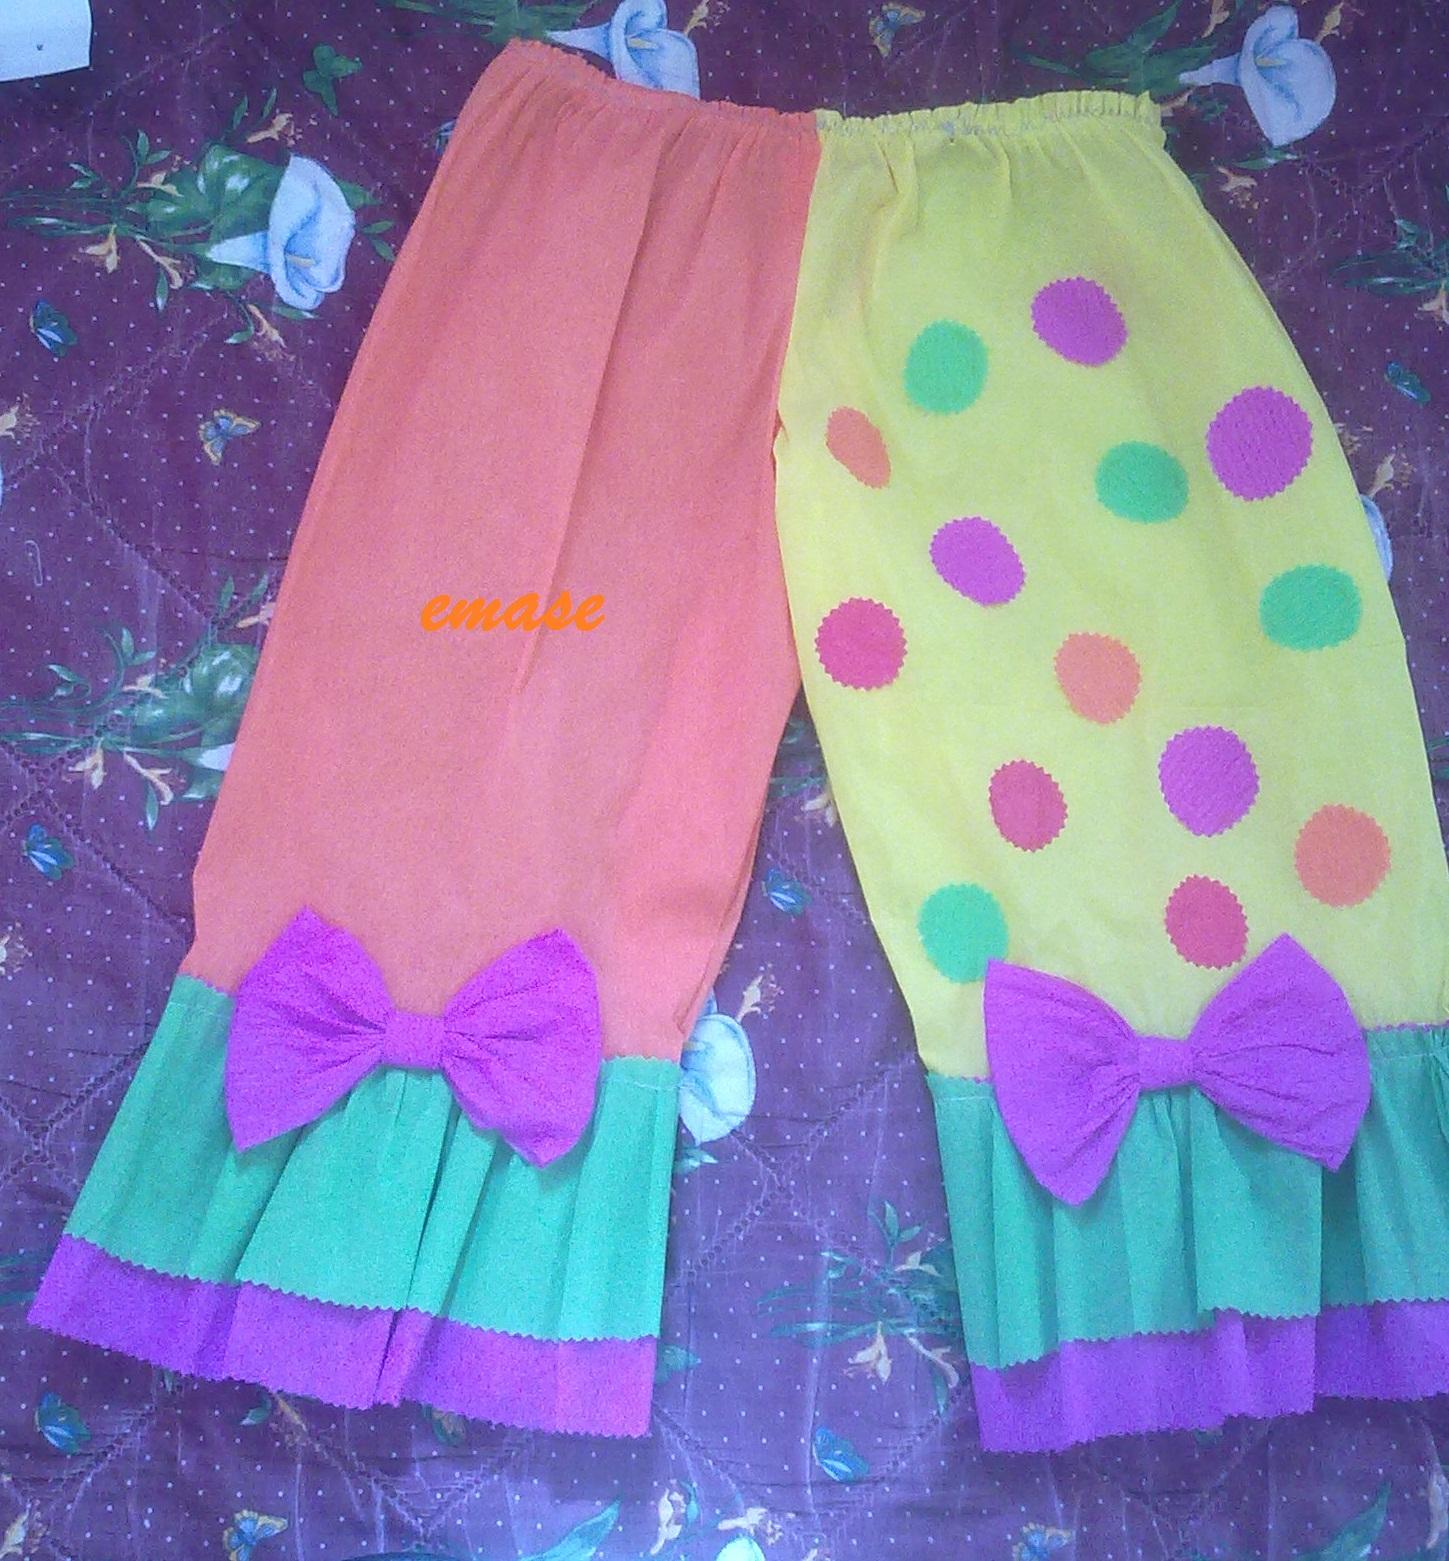 Corte tiras de colores y las cosí en la parte baja, tanto de la blusa